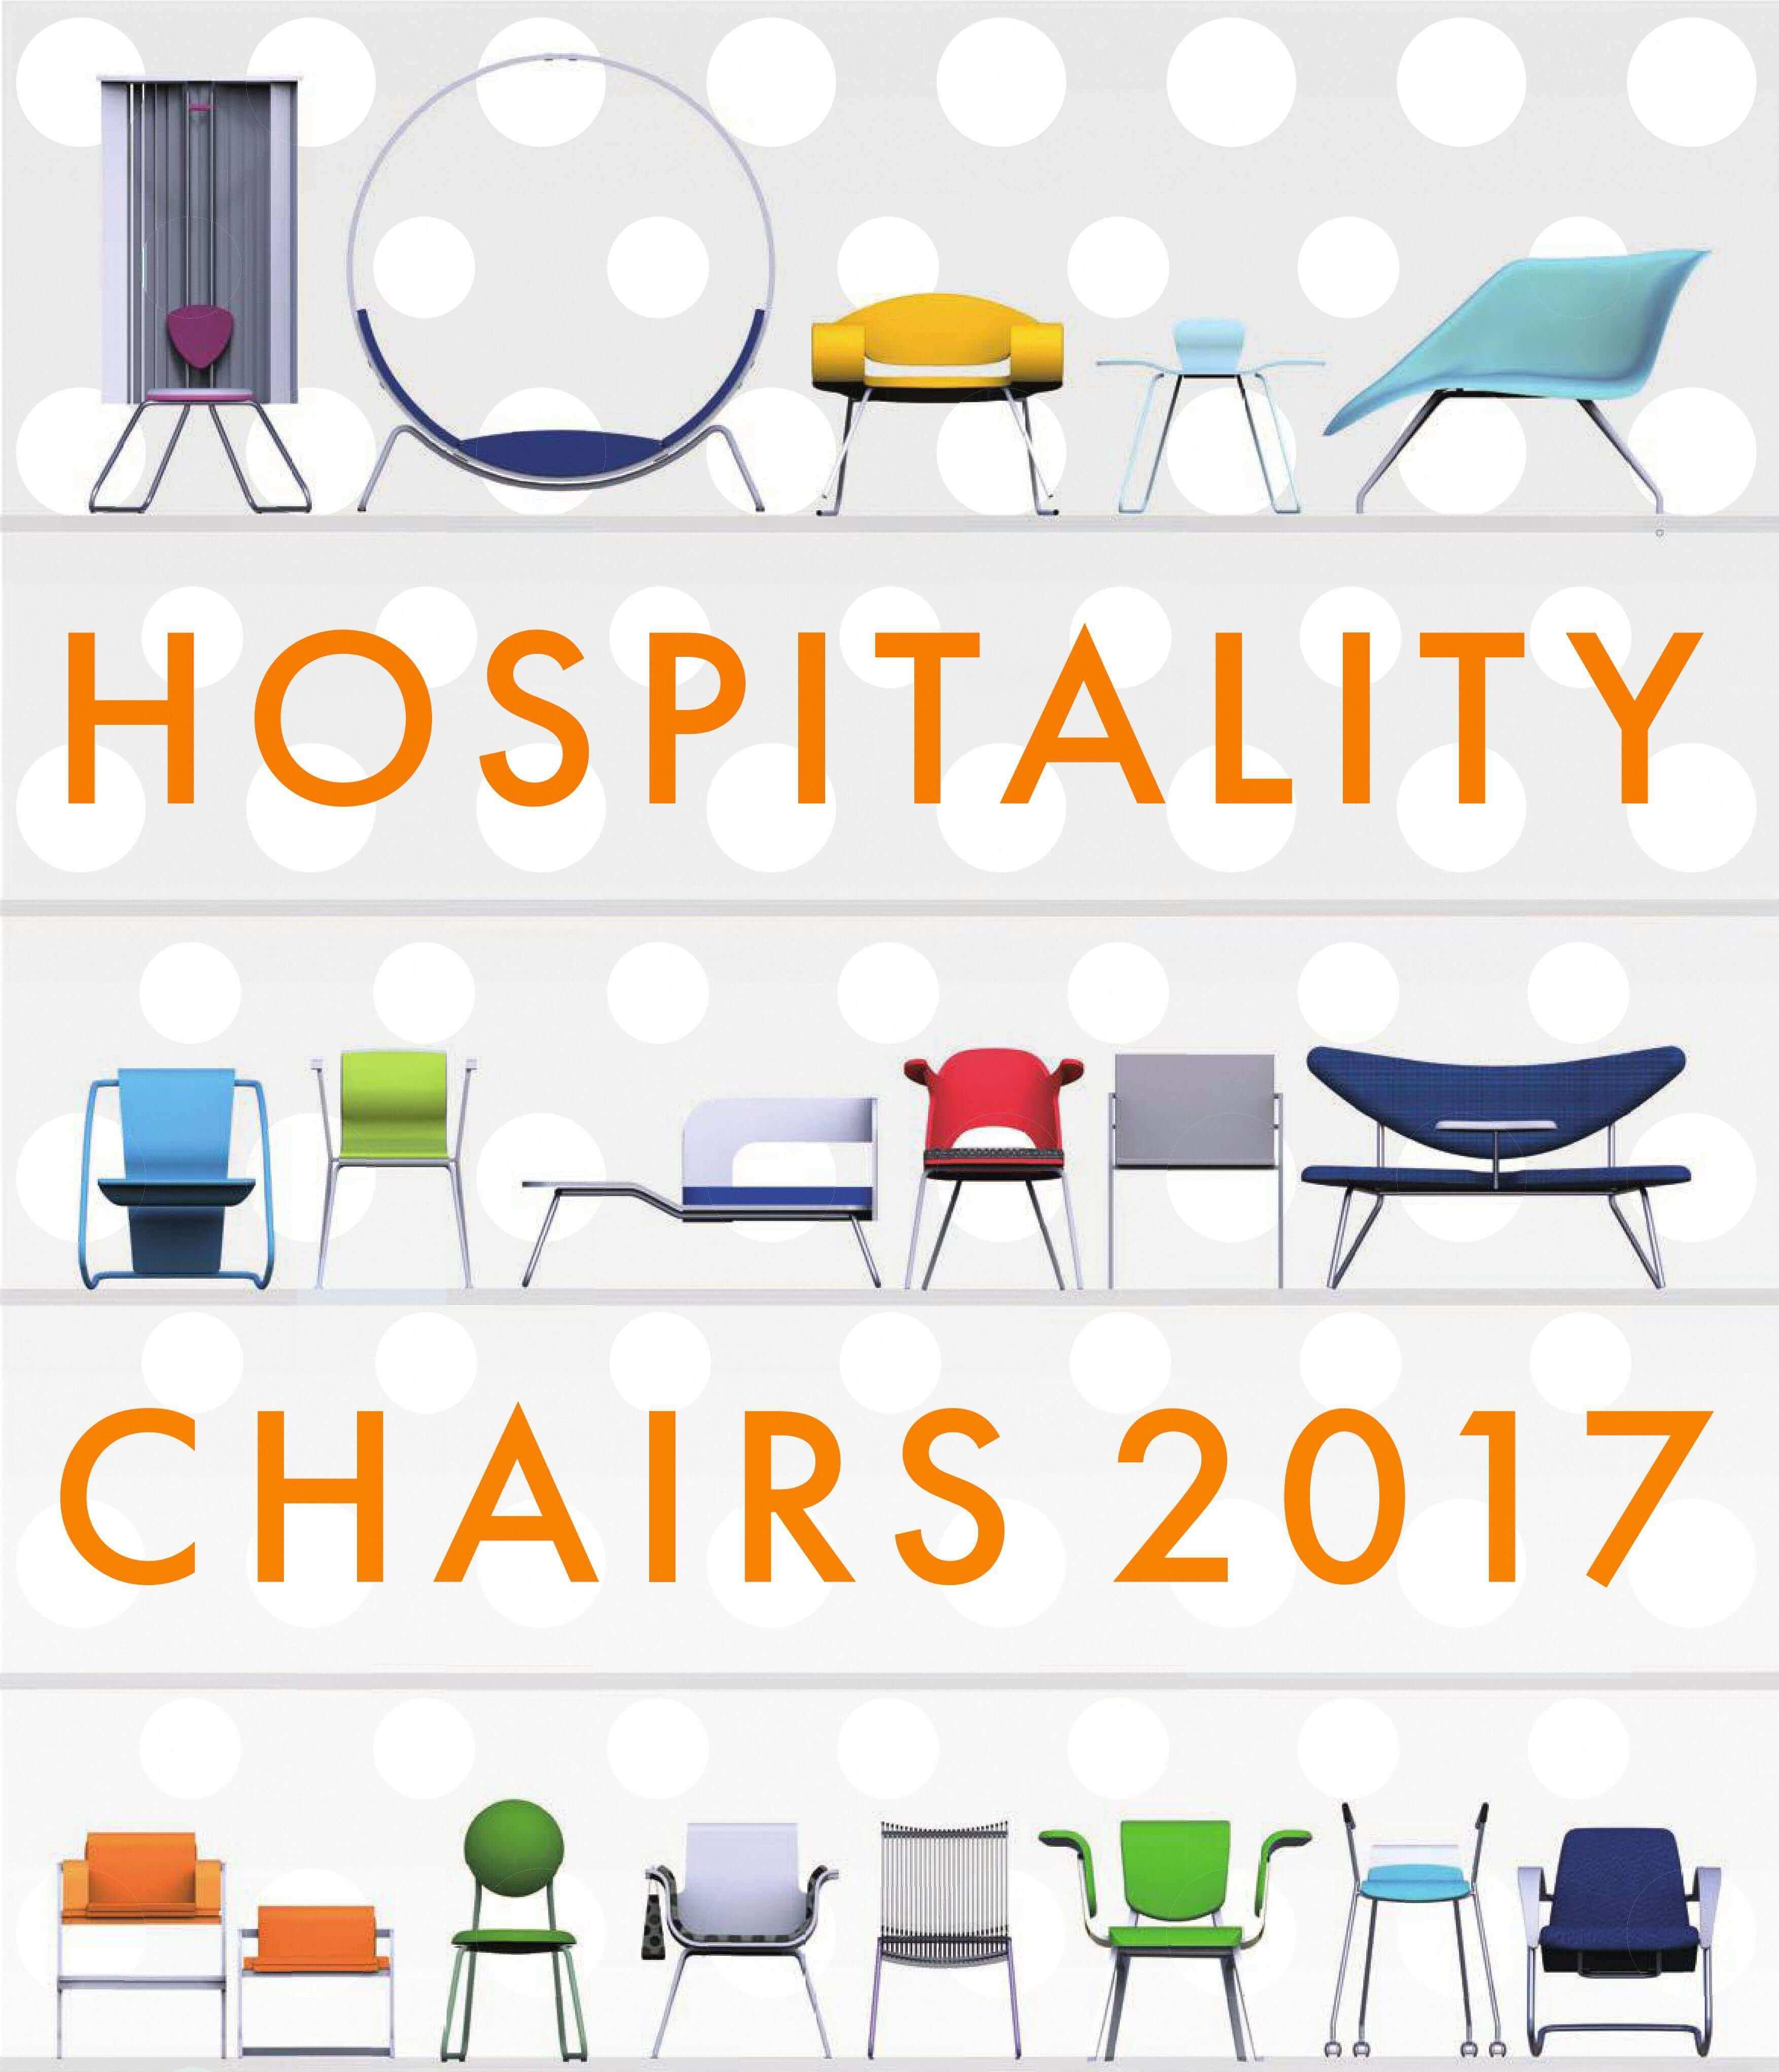 図書館の読書をもっと楽しく!「HOSPITALITY CHAIRS 2017」でユニークな椅子を展示中